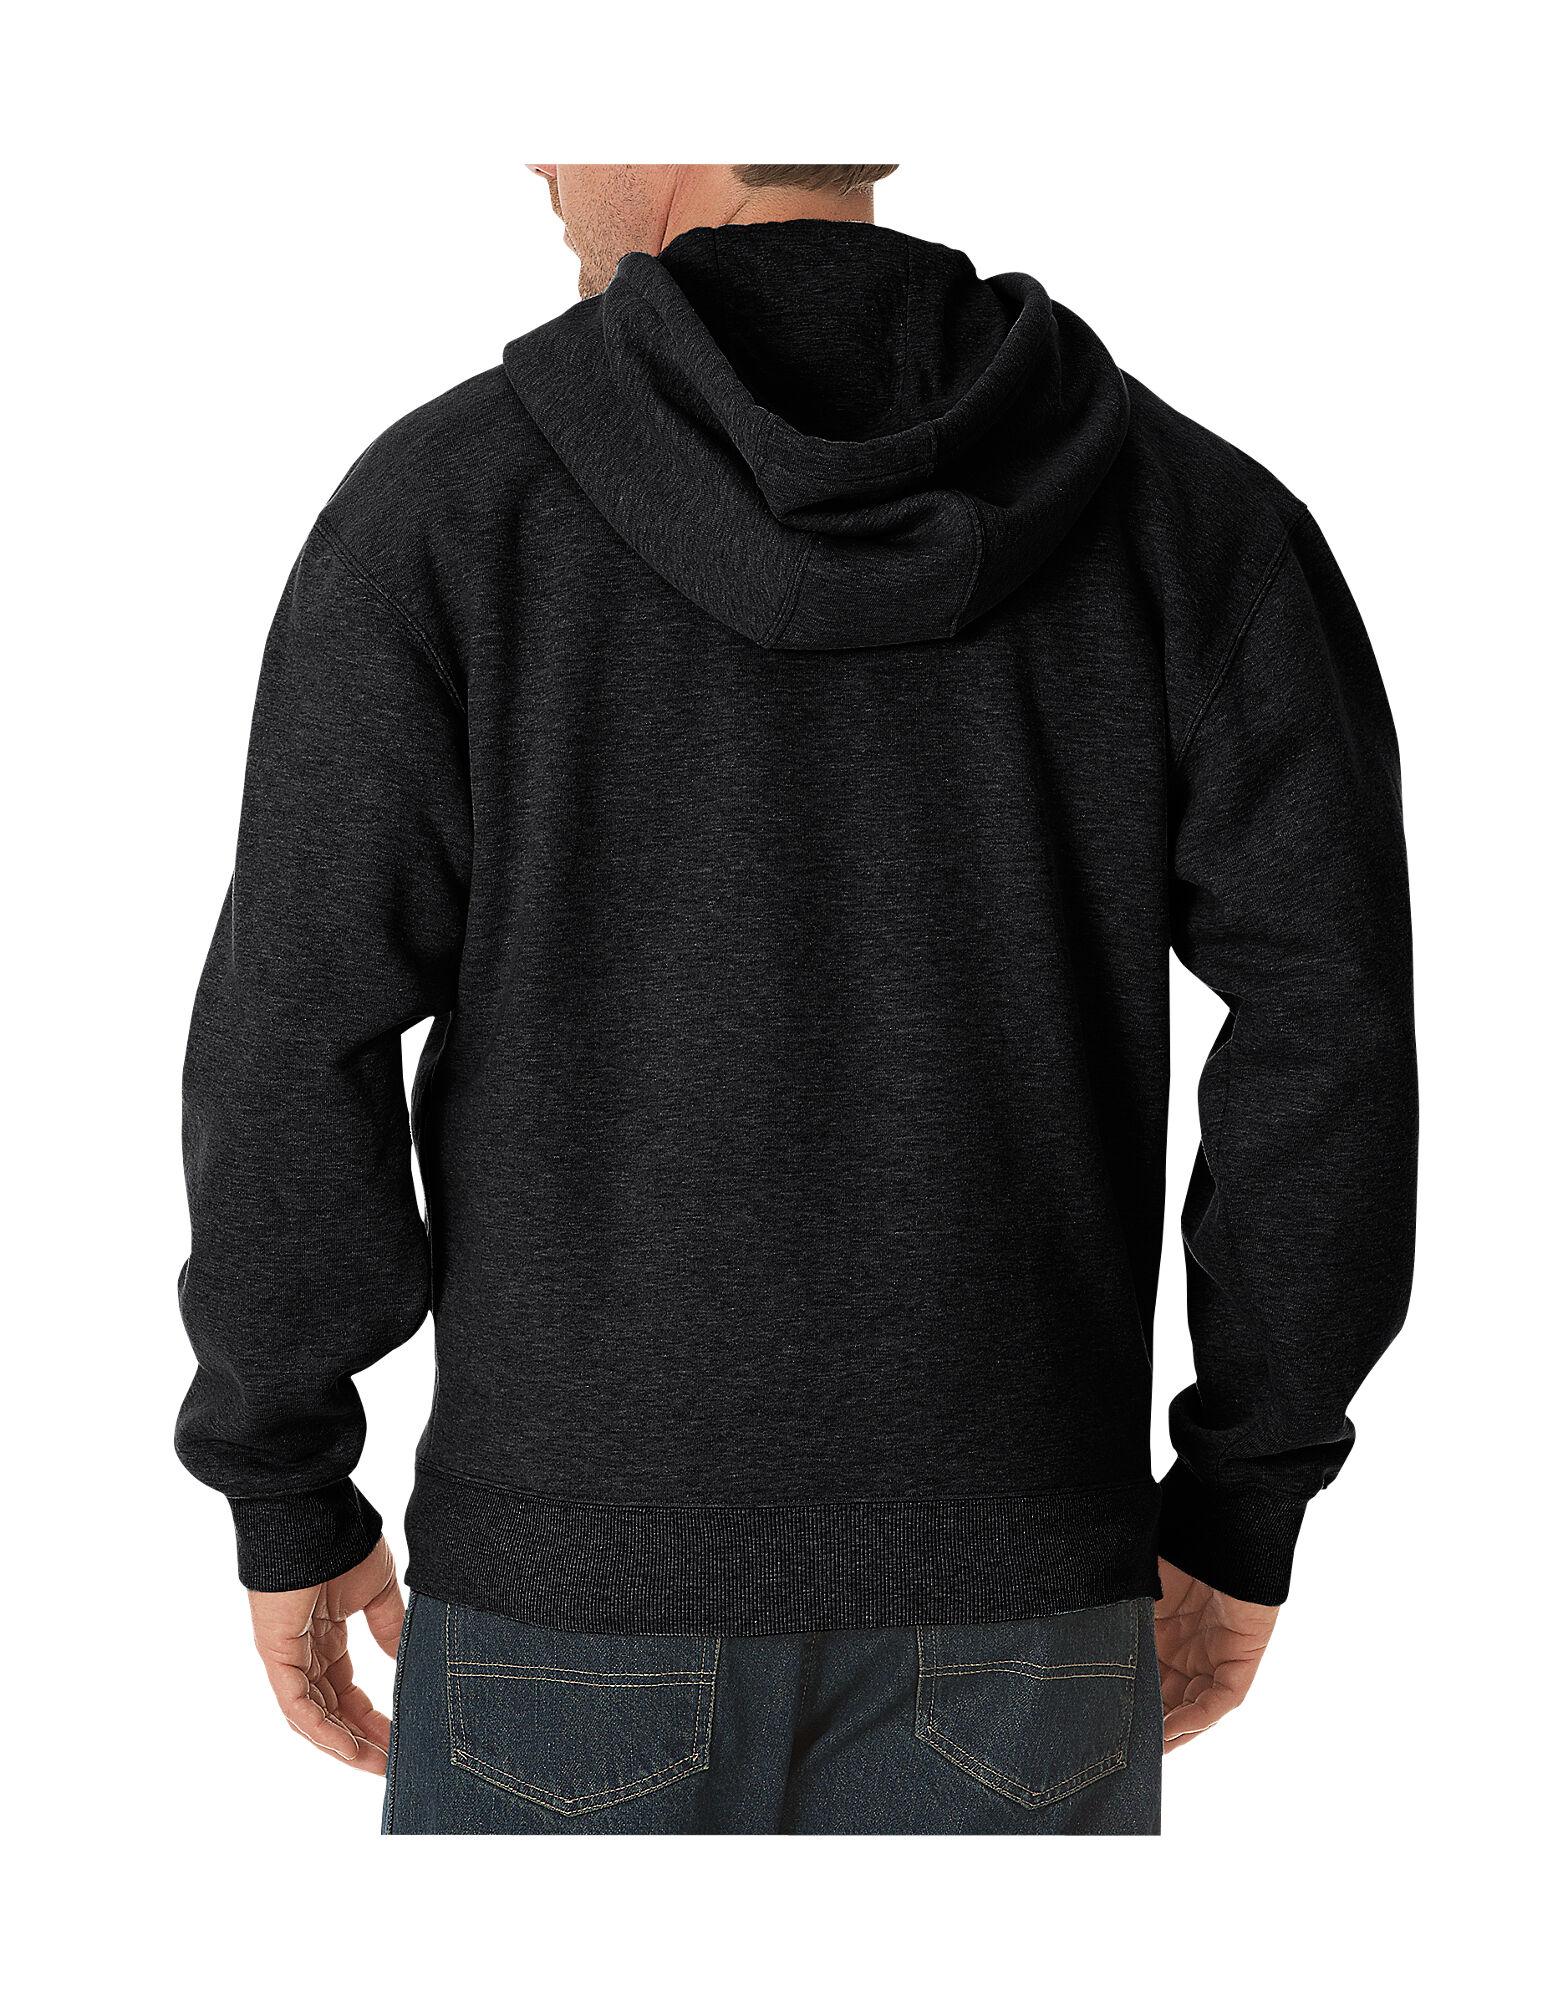 bc91c45ca Midweight Fleece Full Zip Hoodie